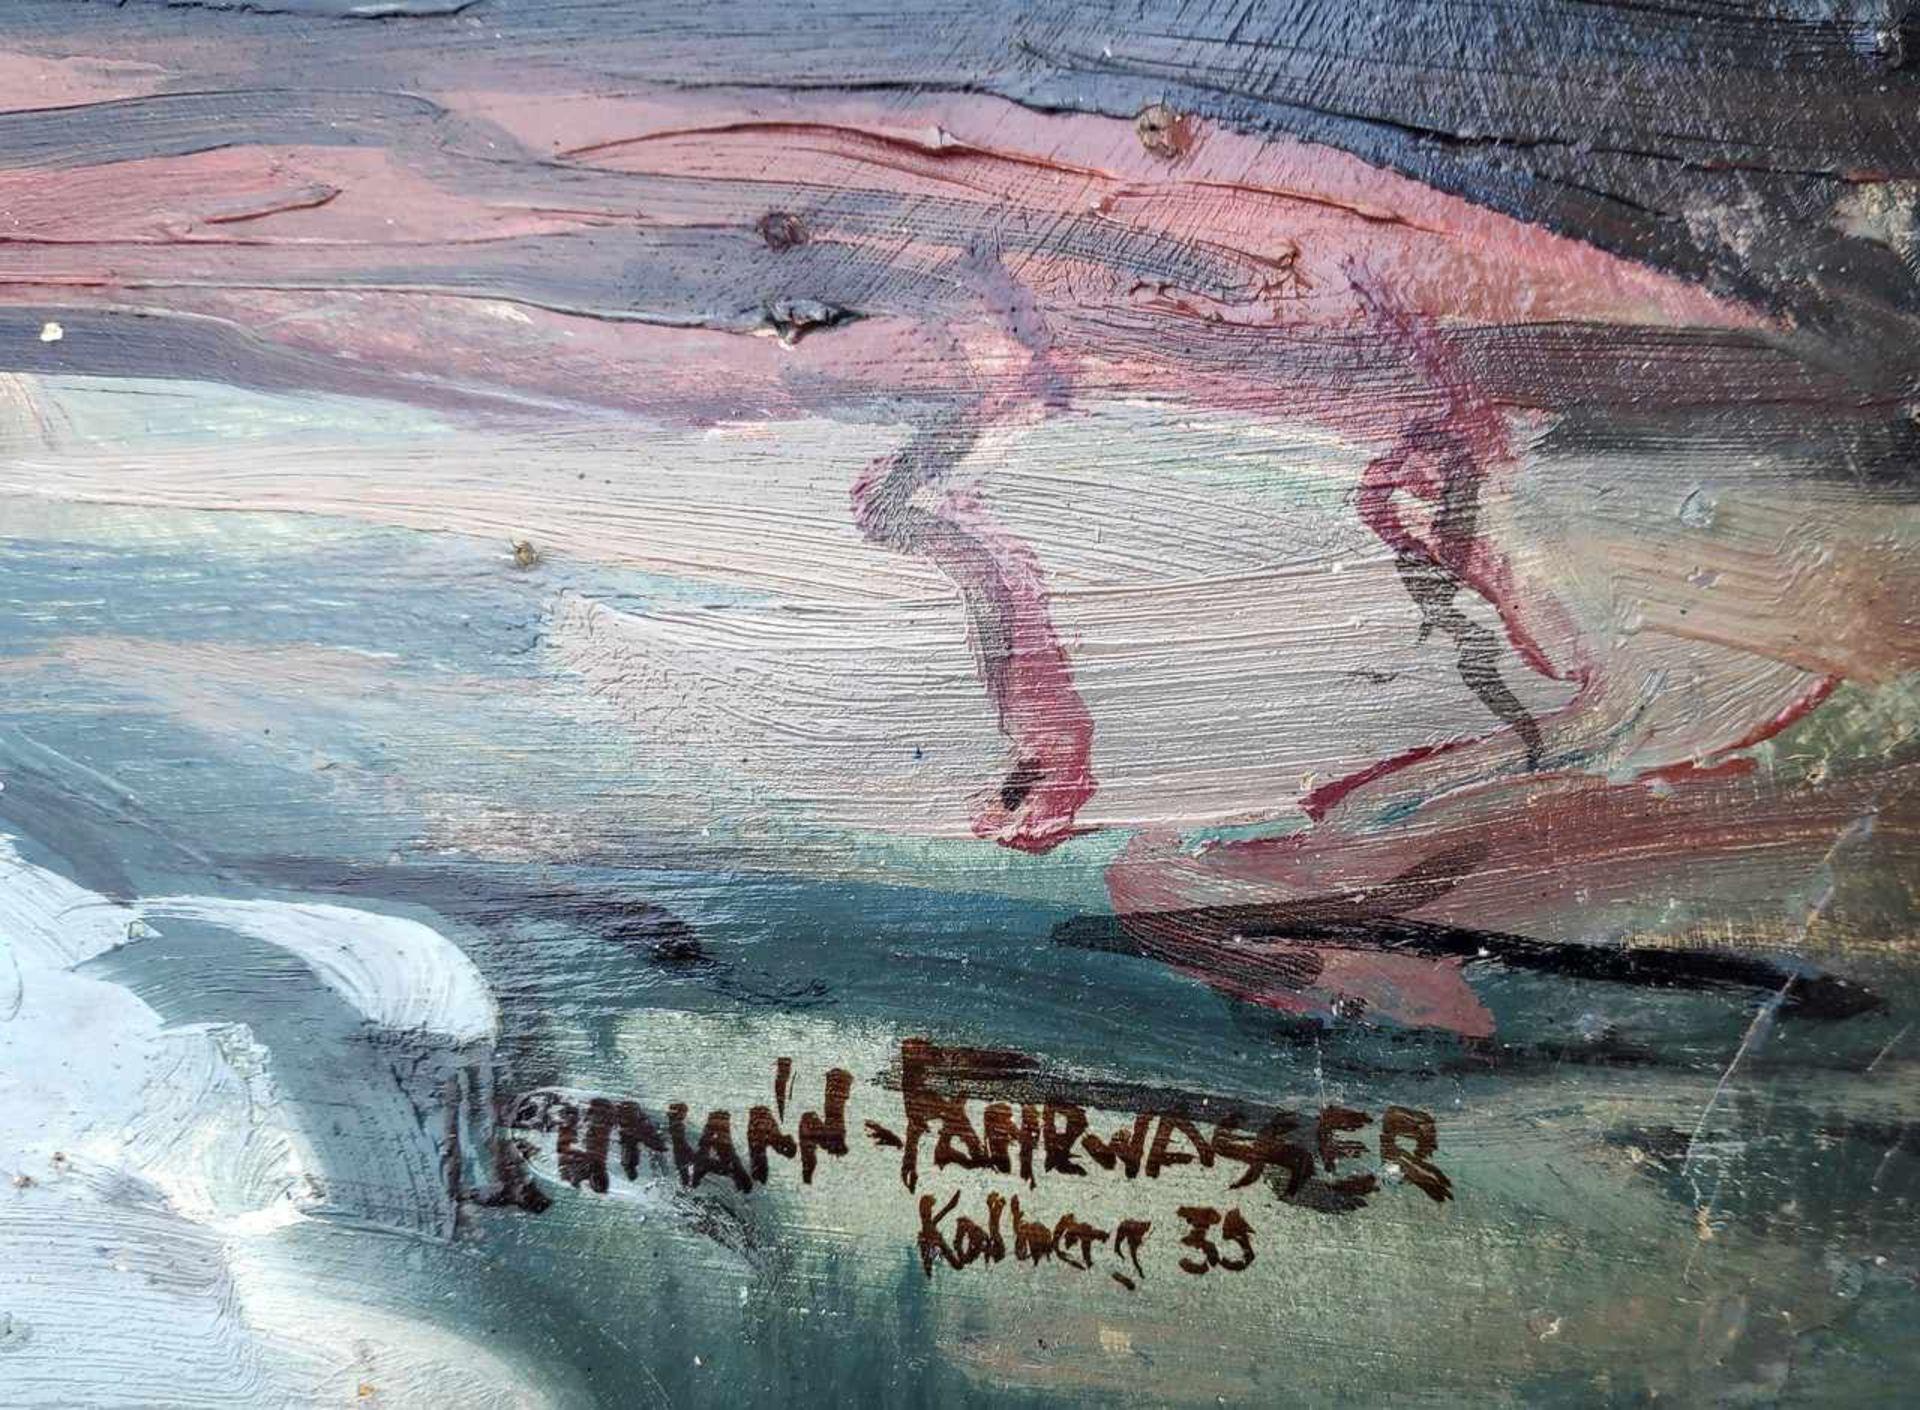 Lehmann-Fahrwasser, Georg (1887 Danzig - 1977 Berlin) - Bild 3 aus 8